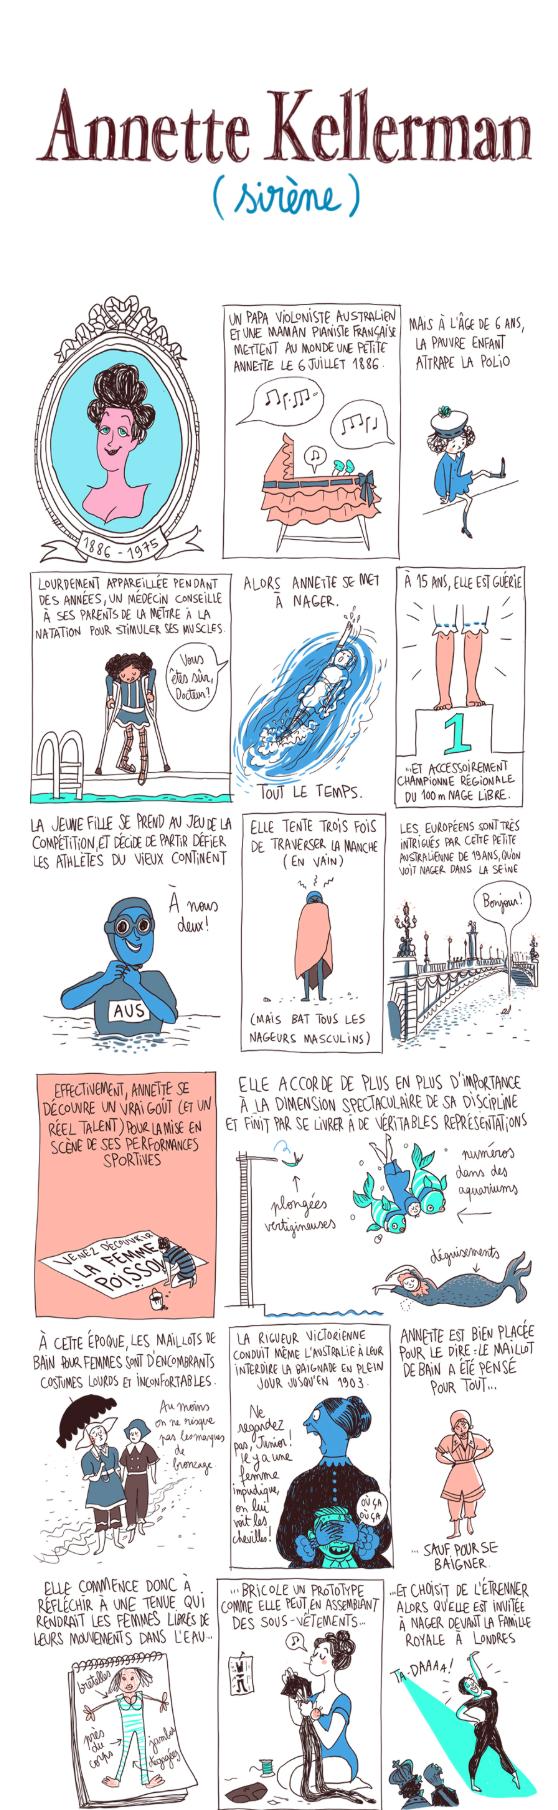 Extrait sur Annette Kellerman, de la bande dessinée Culottées de Pénélope Bagieu